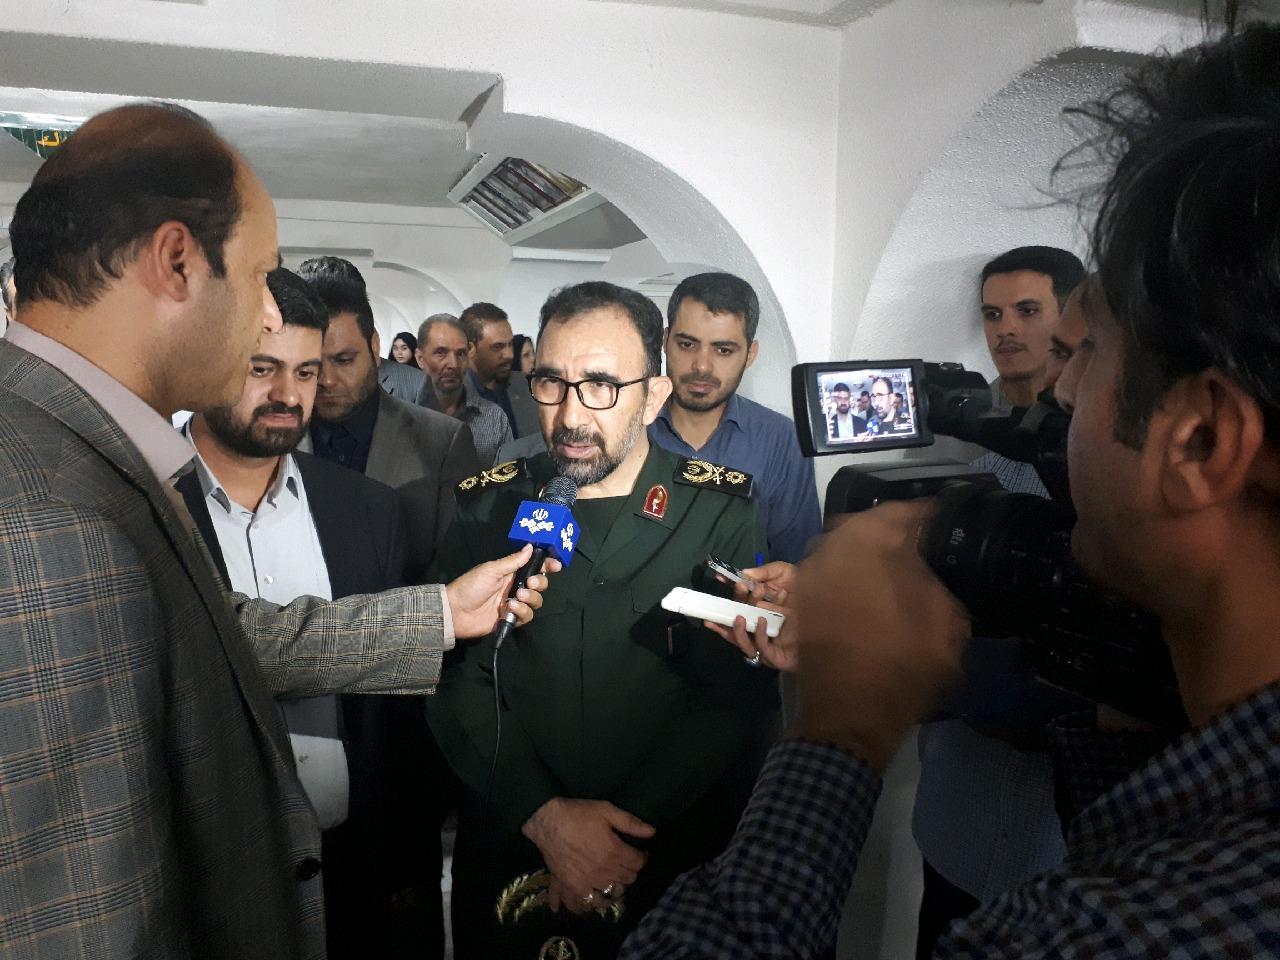 جمعی از اهالی بسیج رسانه روز خبرنگار را در حرم امام رضا (ع) گرامی داشتند